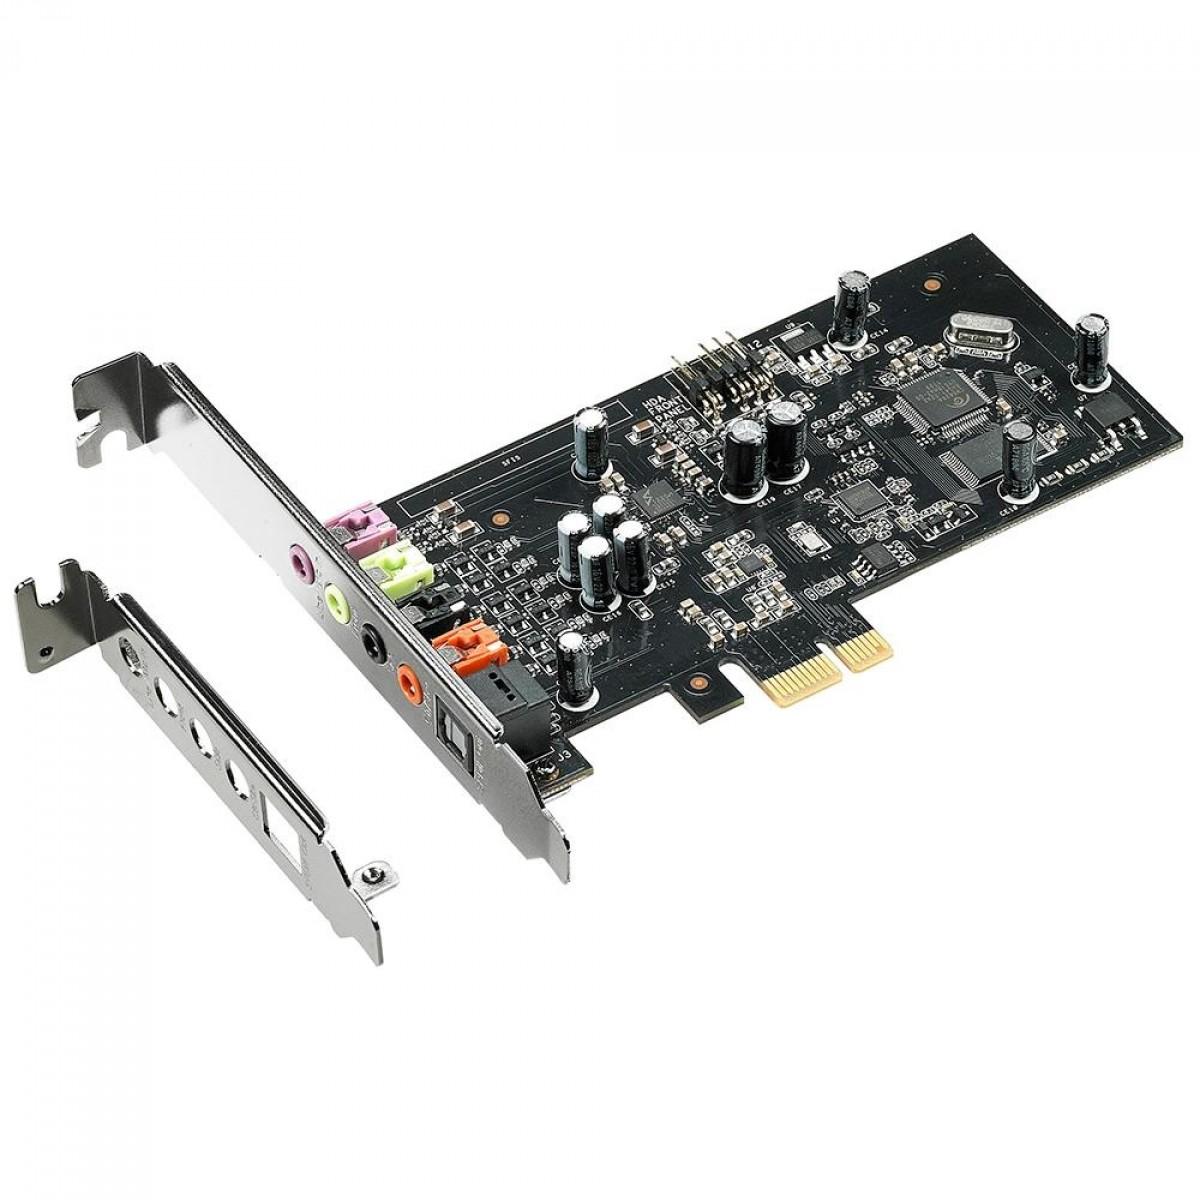 Placa de som Asus Xonar SE, PCIe, 5.1 canais, 90YA00T0-M0UA00